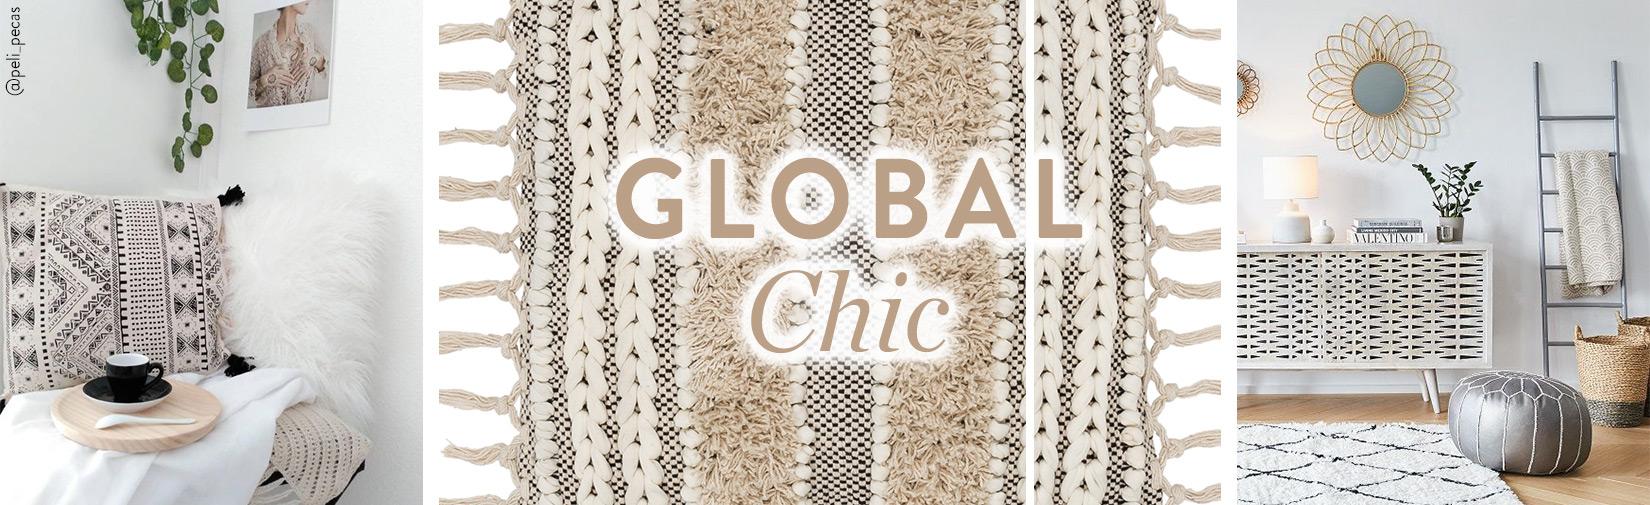 Trend_GlobalChic_LP-desktop